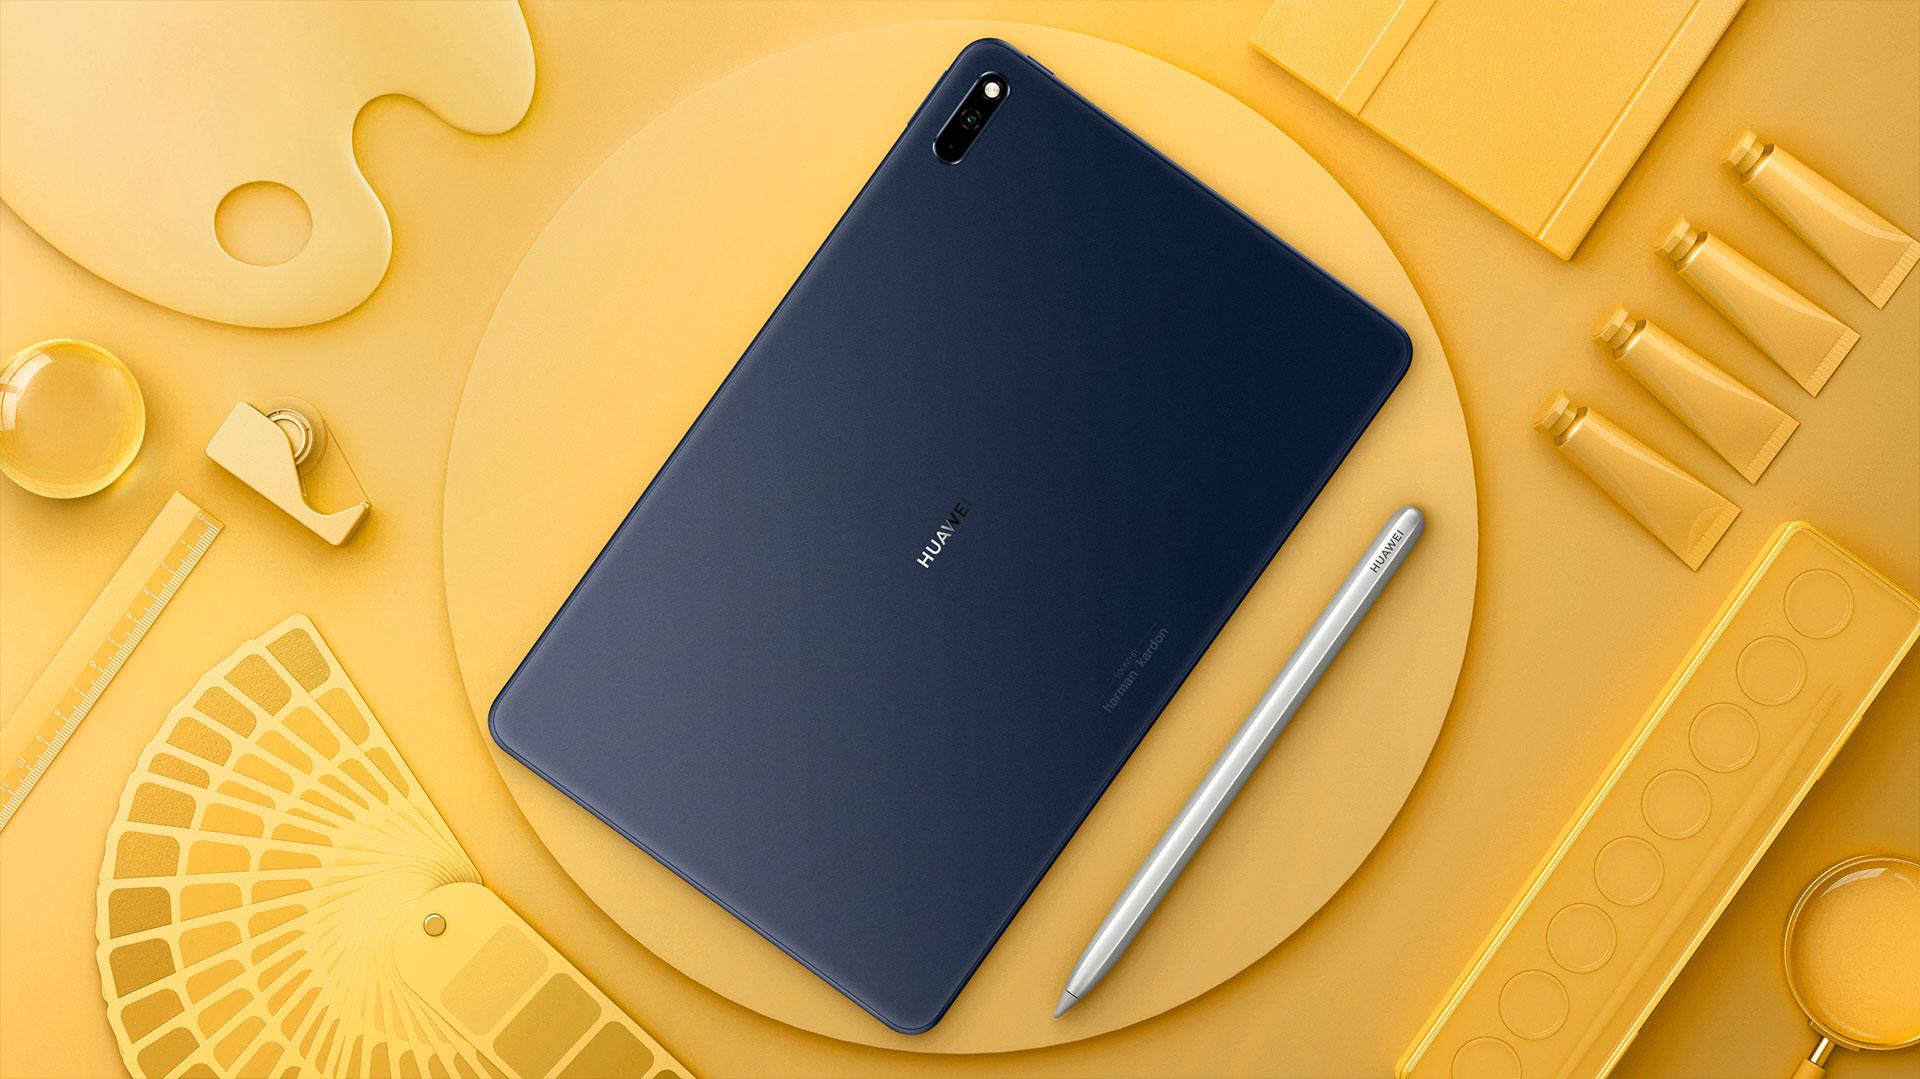 รีวิว Huawei MatePad แท็บเล็ททันสมัย ตัวใหม่จาก Huawei